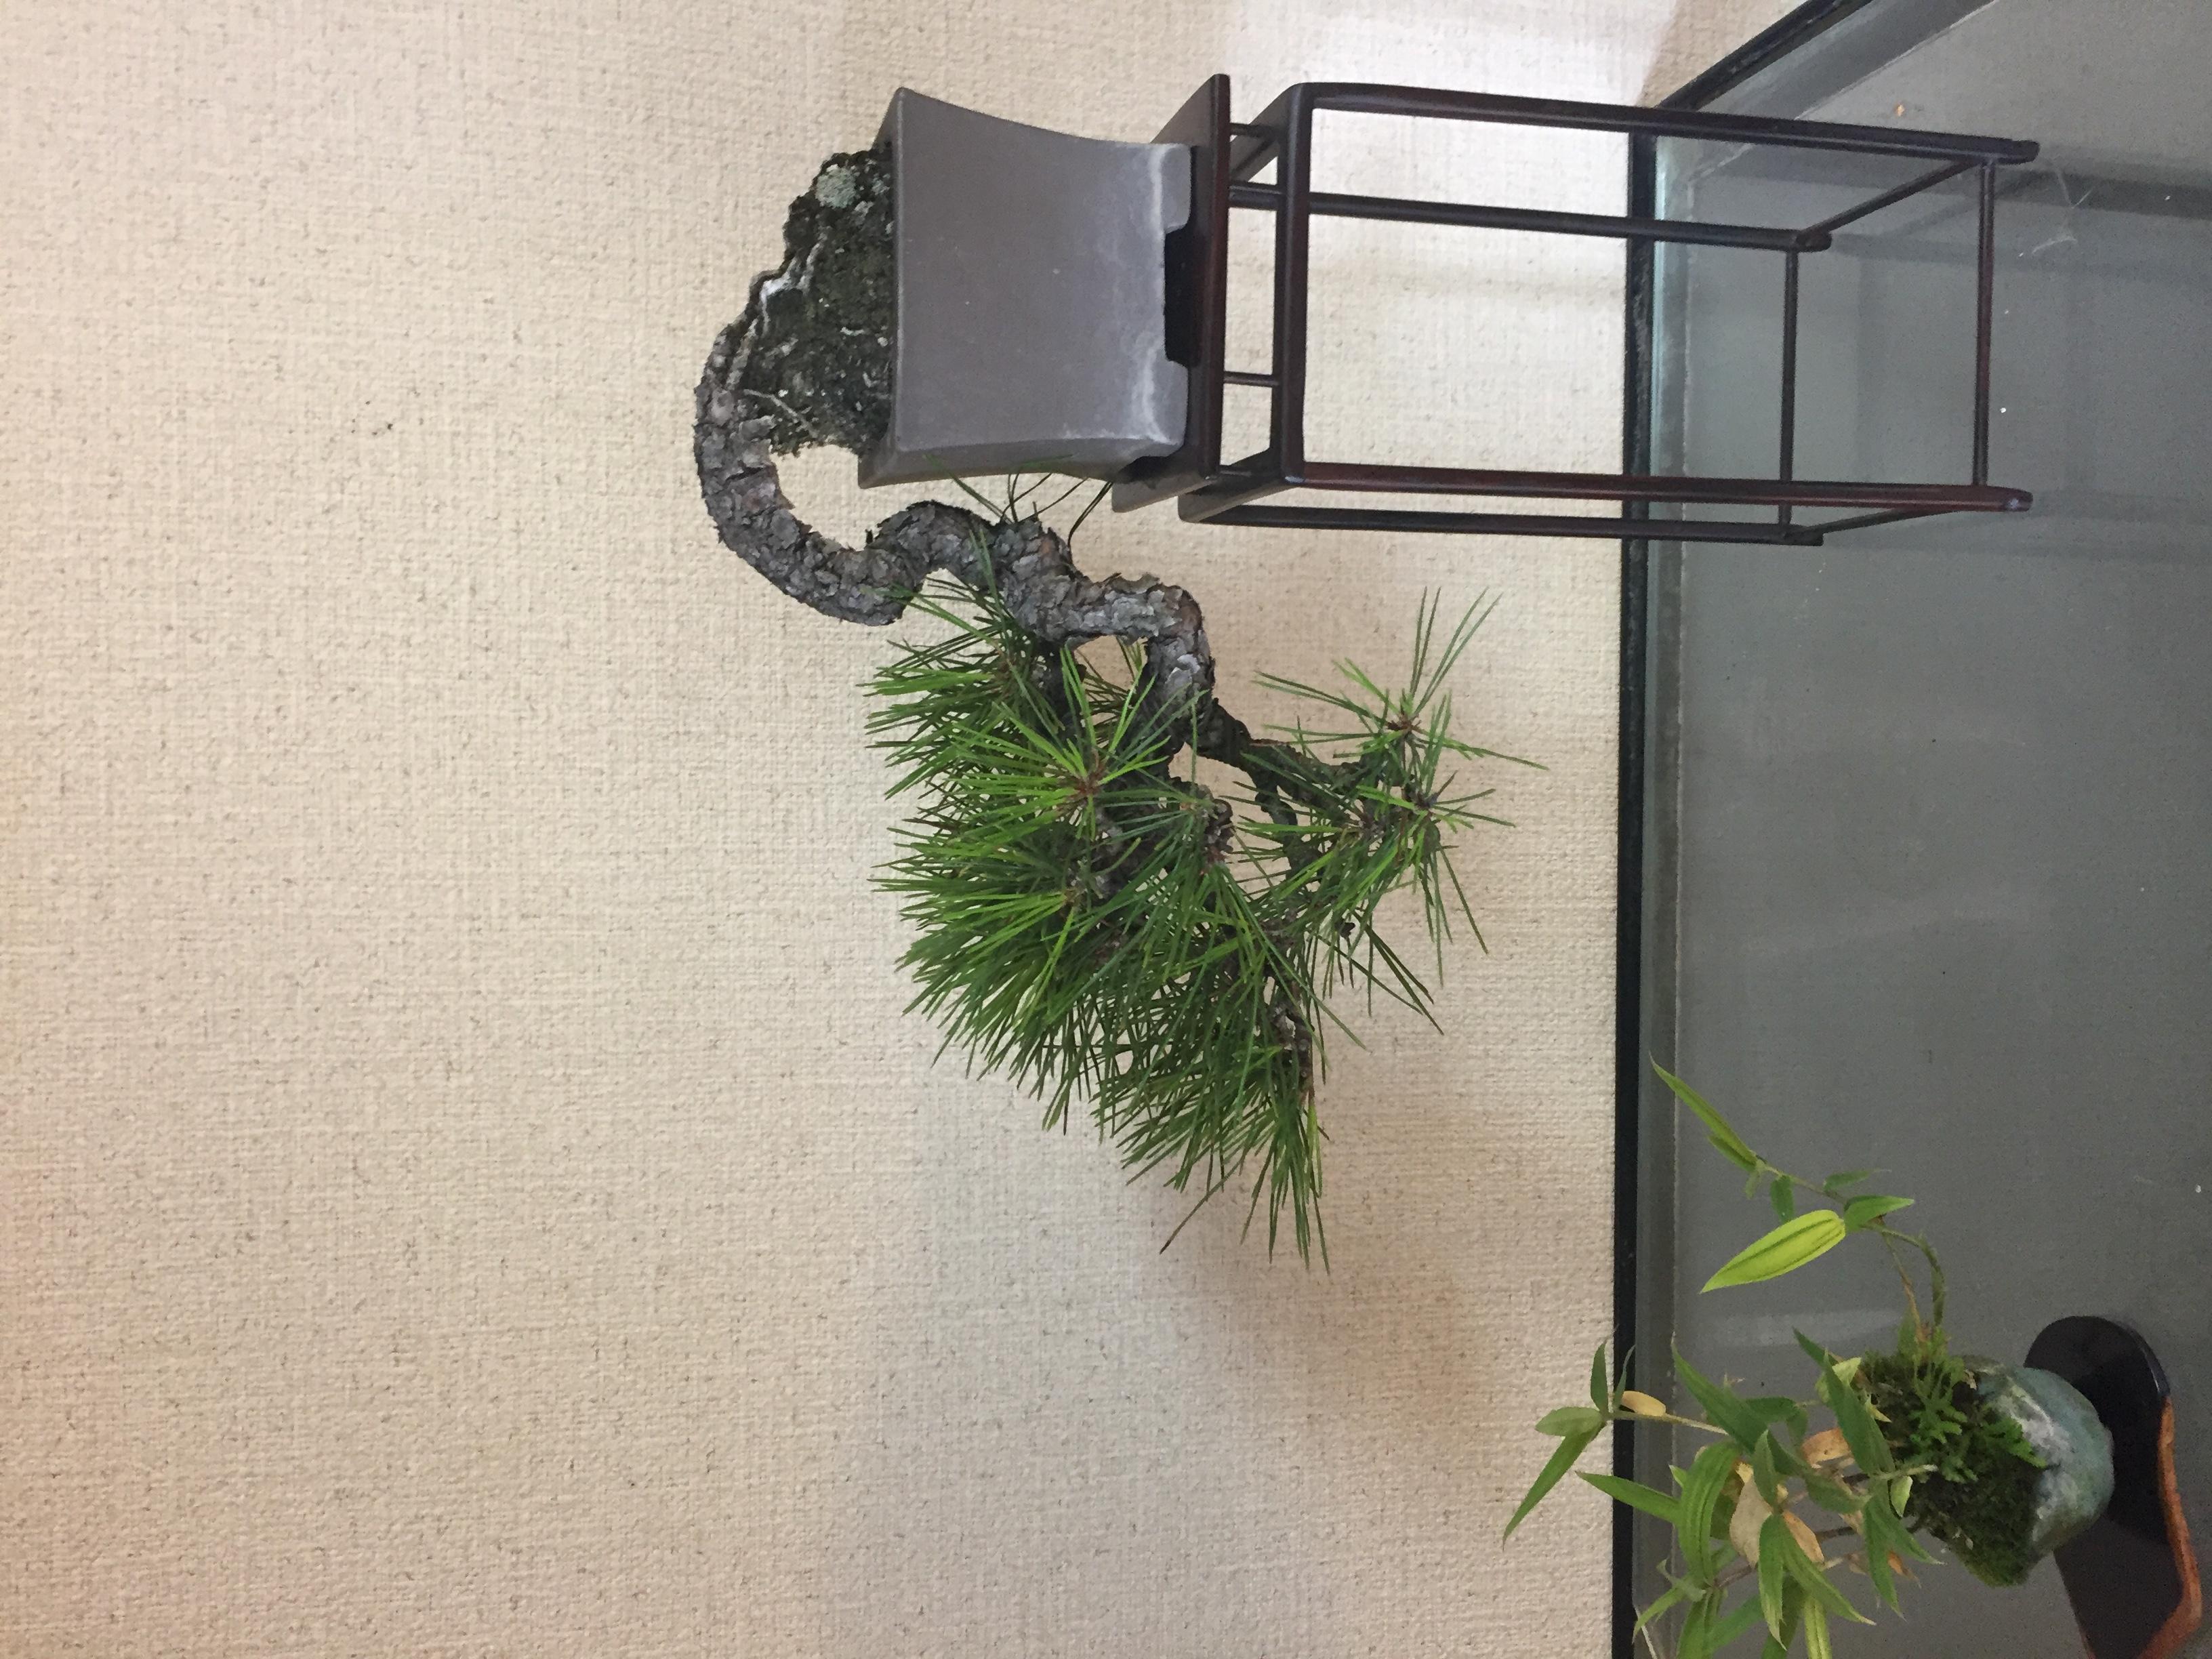 成彦 Shigehiko 盆栽 Bonsai / 赤松 アカマツ